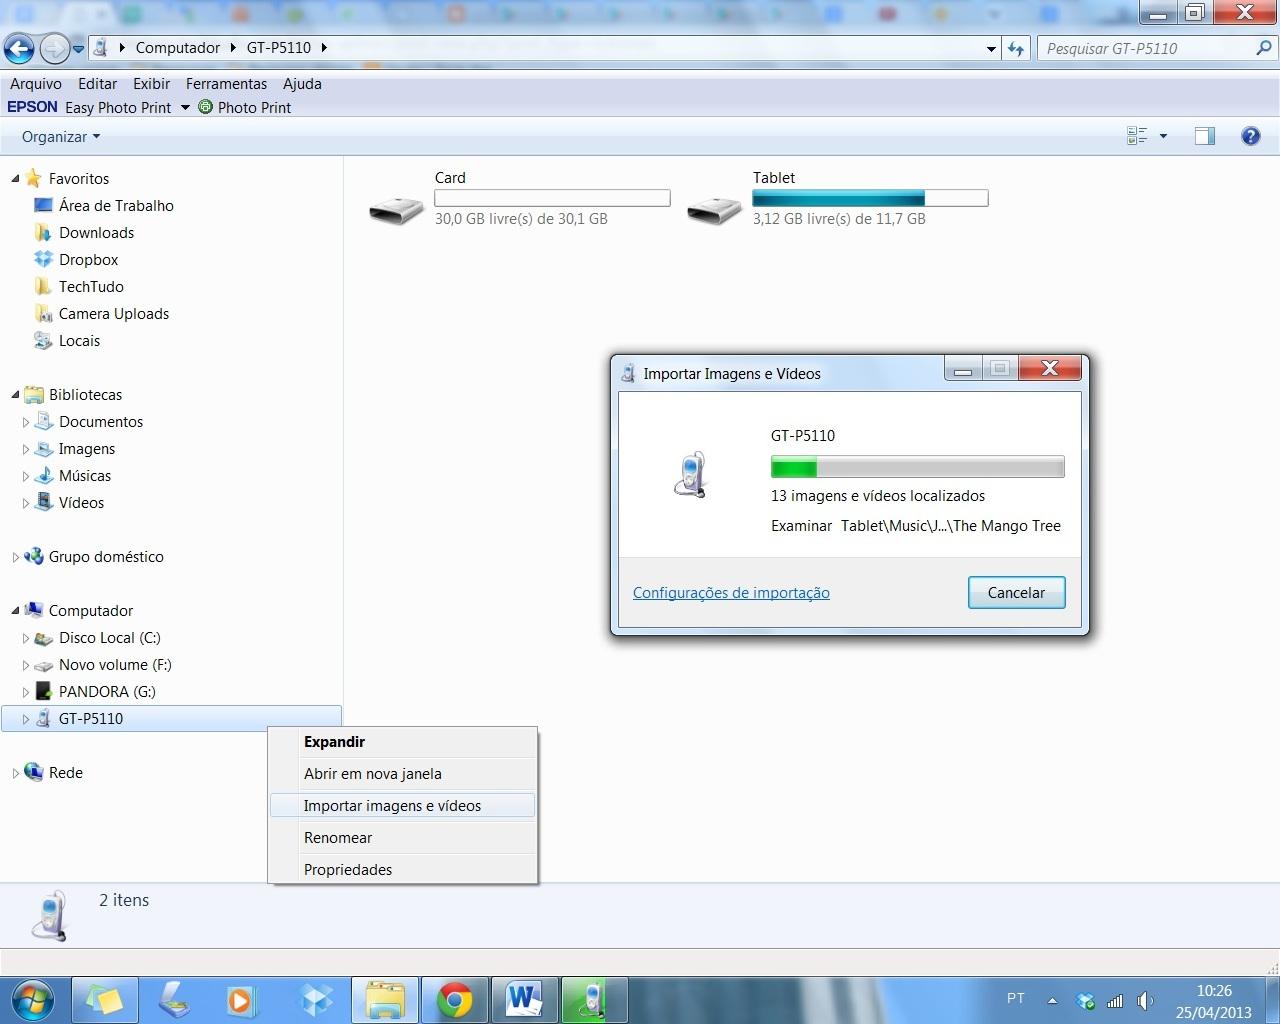 Clique com o botão direito do mouse sobre o dispositivo e selecione